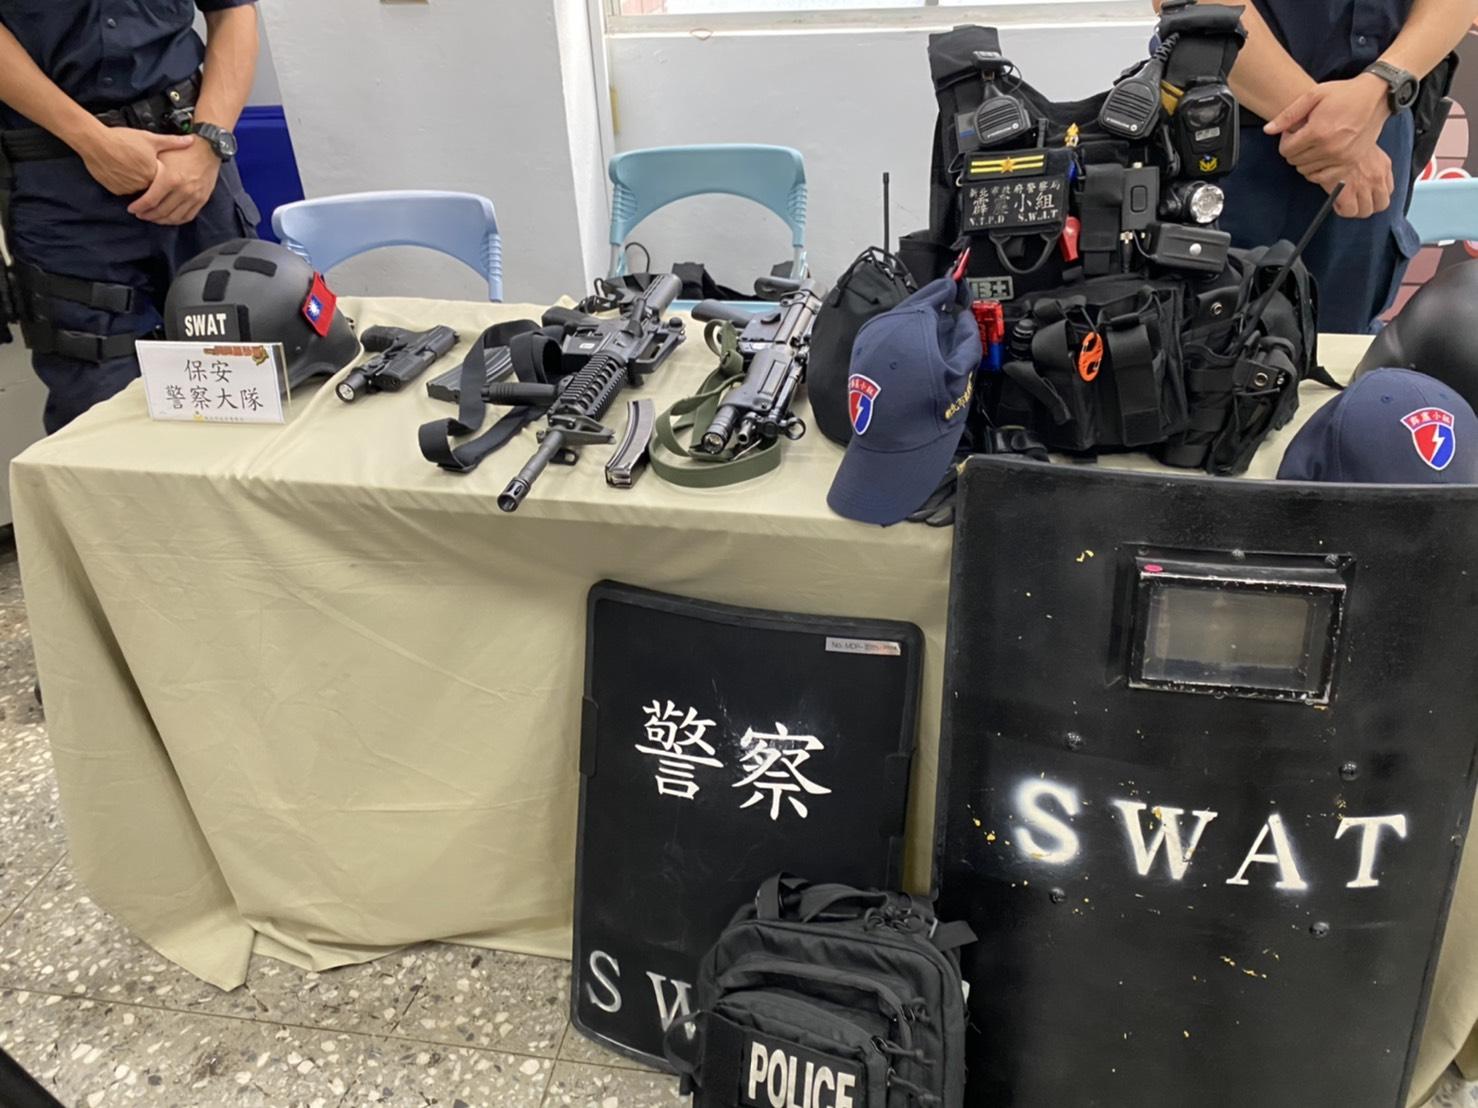 影/新北警CSI偵探營  攜手家扶少年  網紅「阿神」帶隊PK鑑識難題  快樂學鑑識